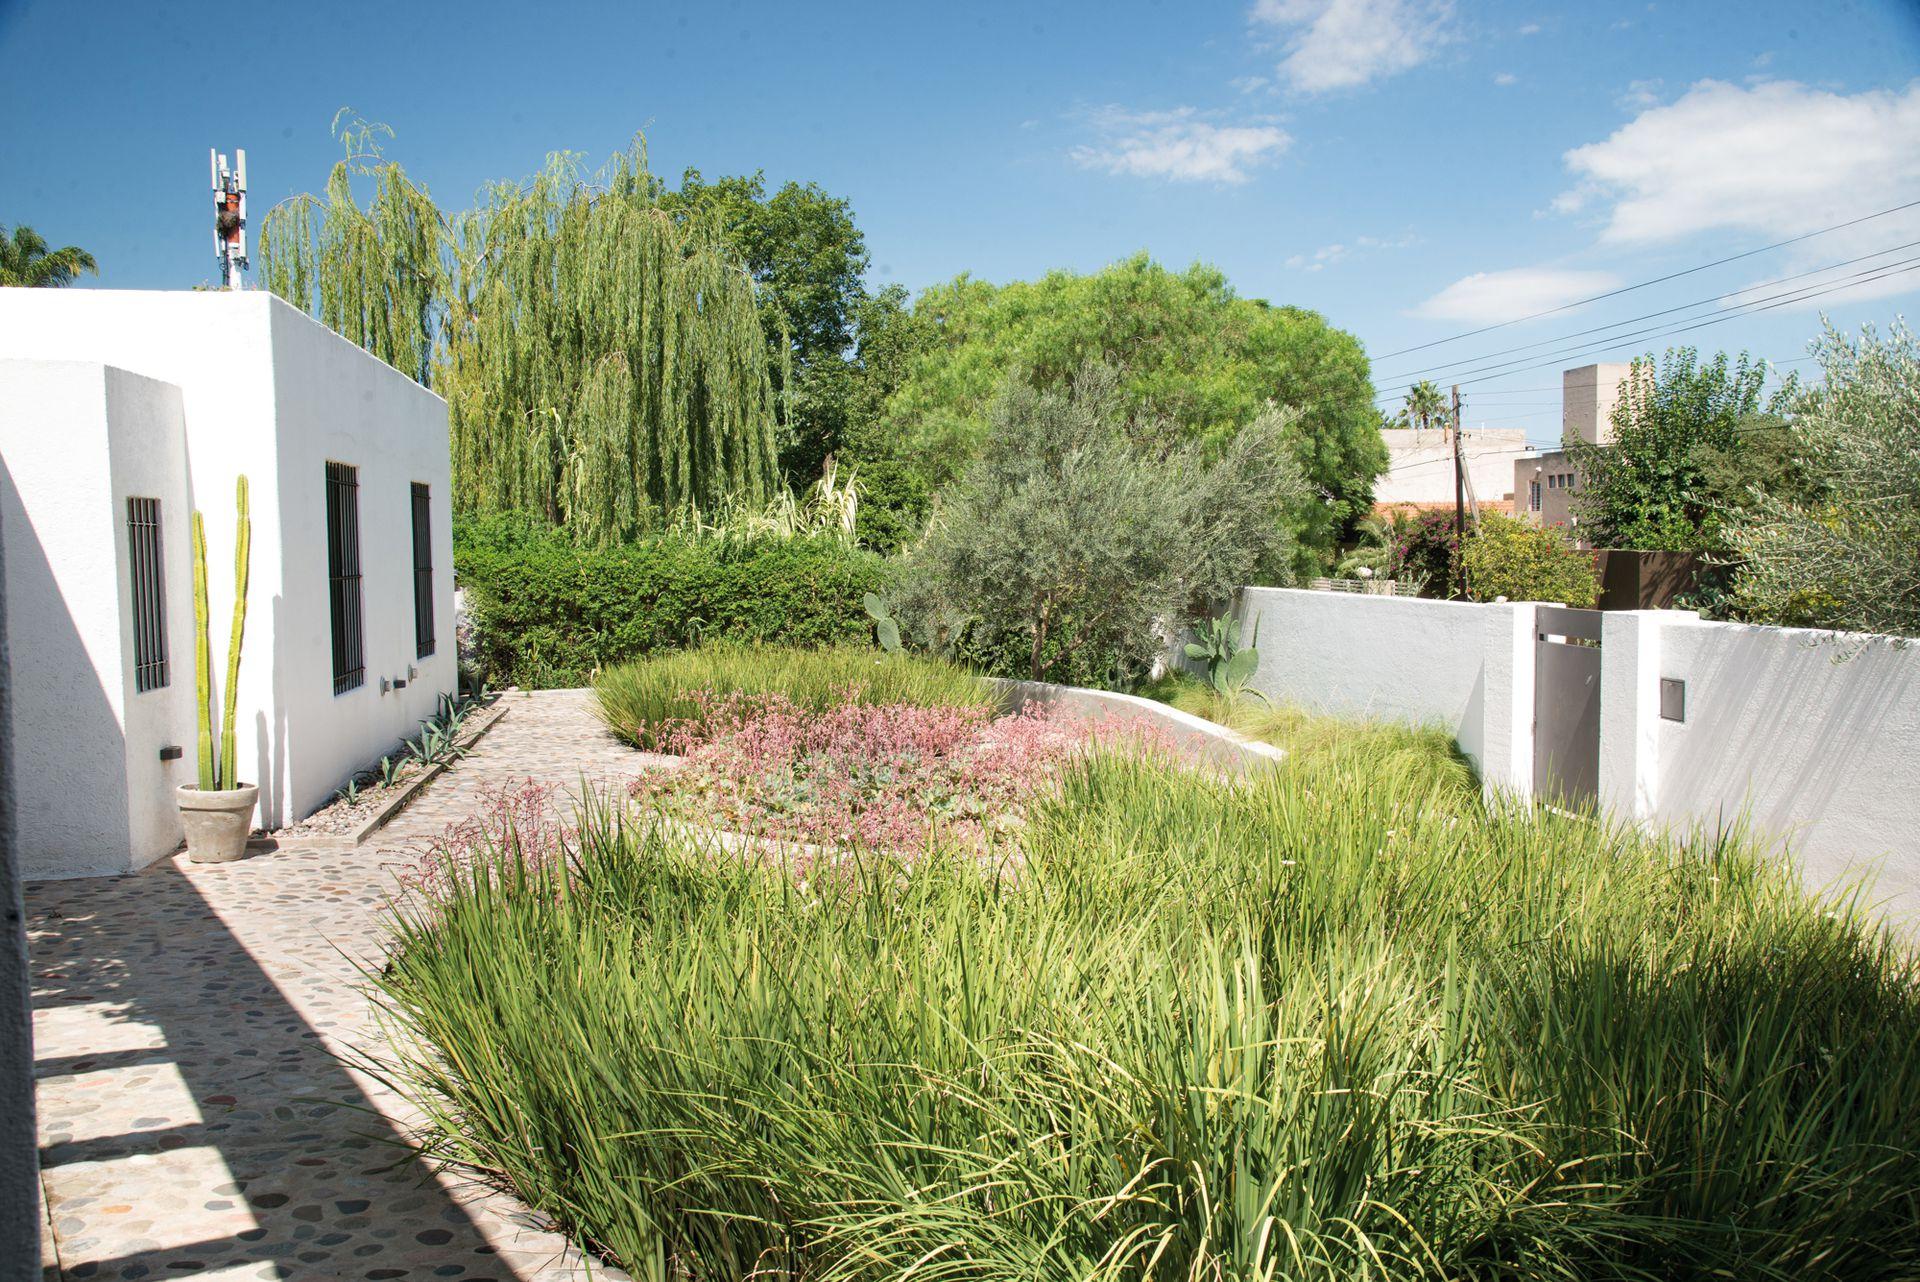 El patio de ingreso se planteó como una superficie seca, con formas circulares que albergan dietes y suculentas como la Echeveria 'Blue Bedder'.